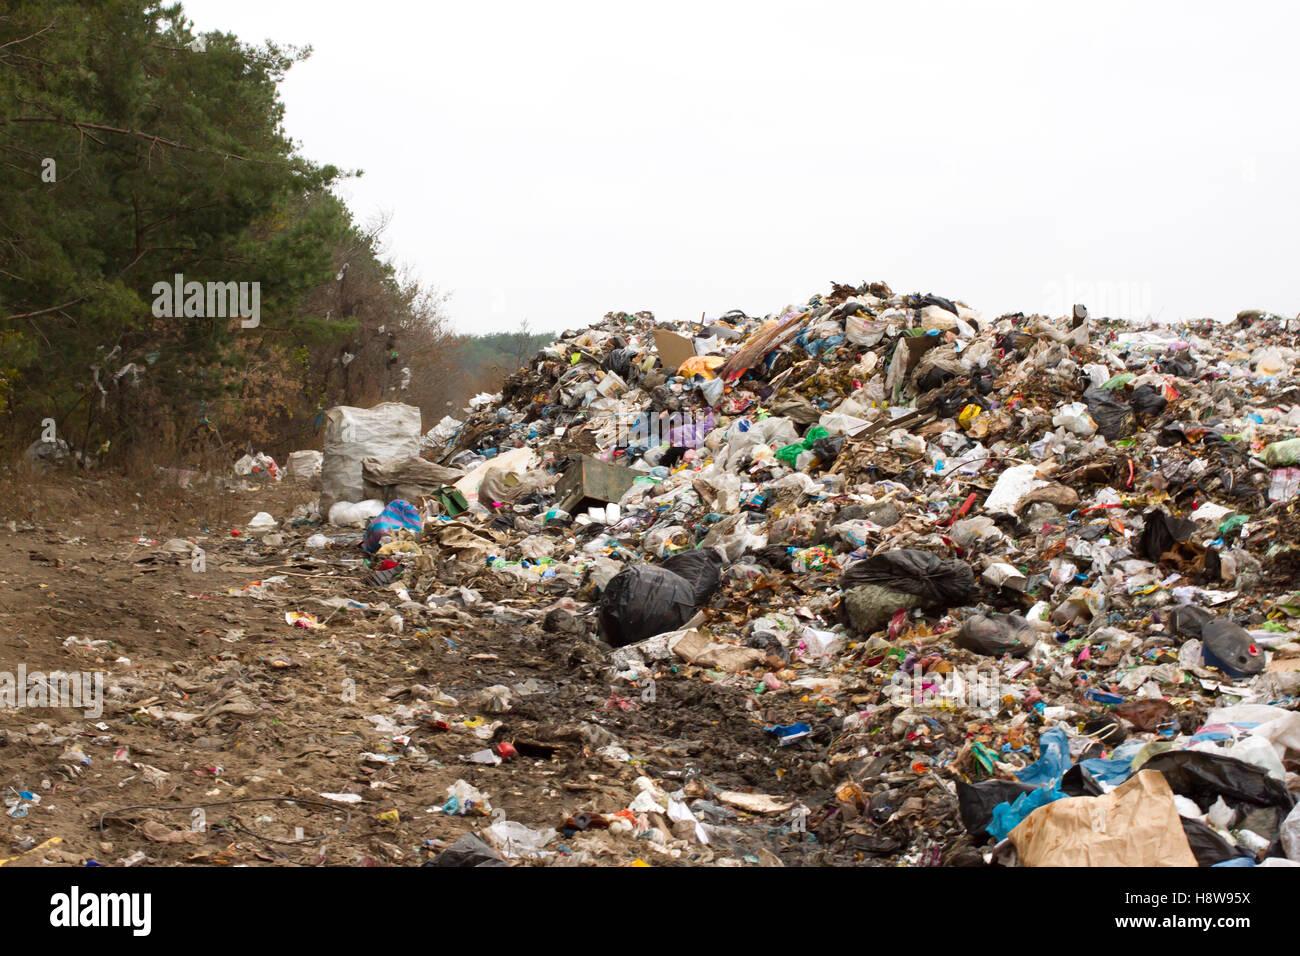 Discarica in Ucraina, pile di plastica oggetto di dumping . Le strade lungo i rifiuti inorganici accozzaglia Immagini Stock